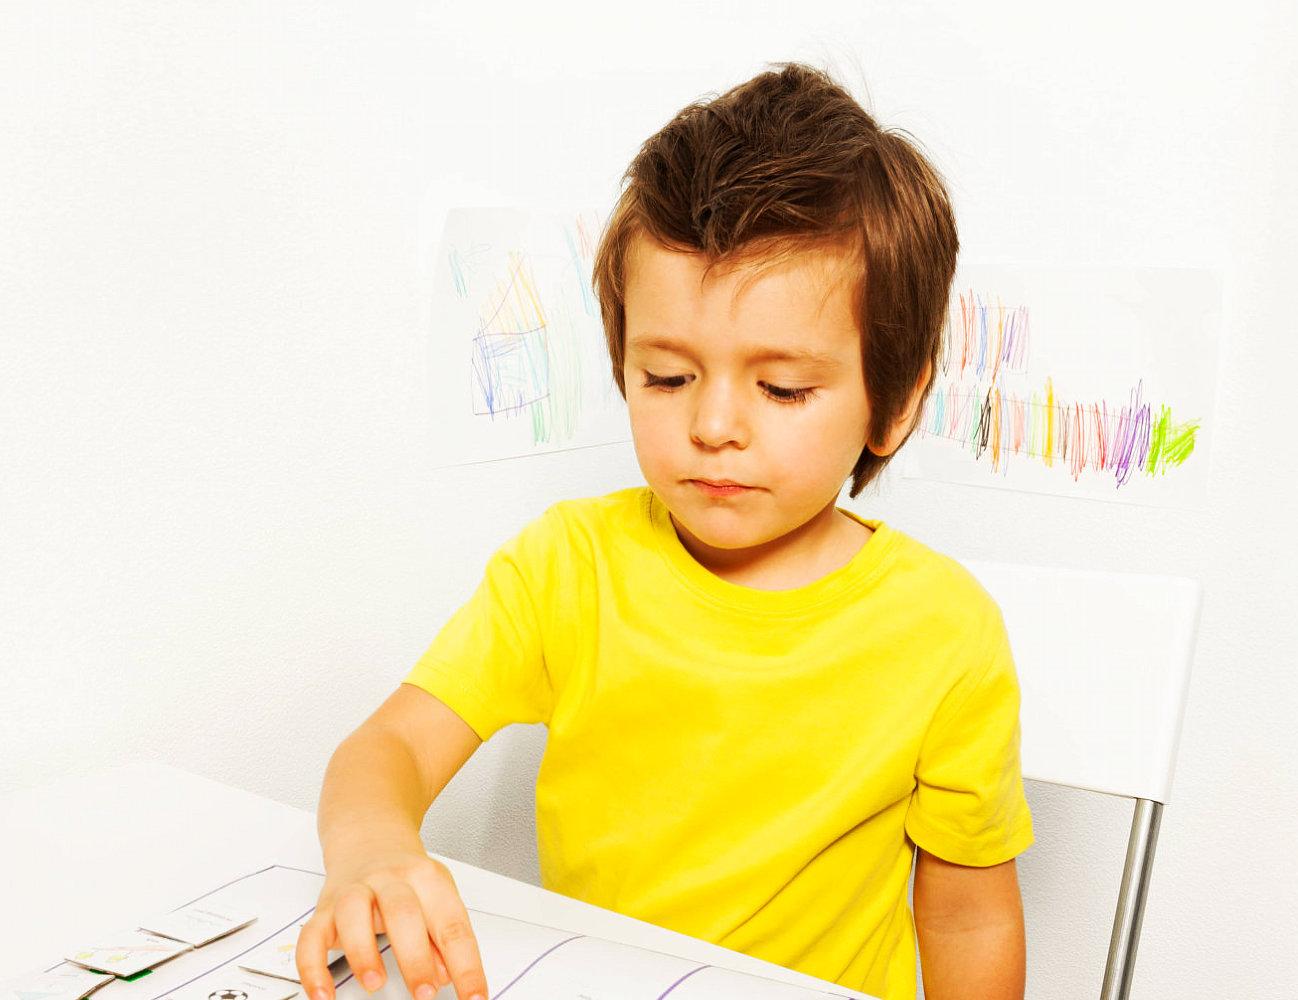 boy wearing yellow shirt